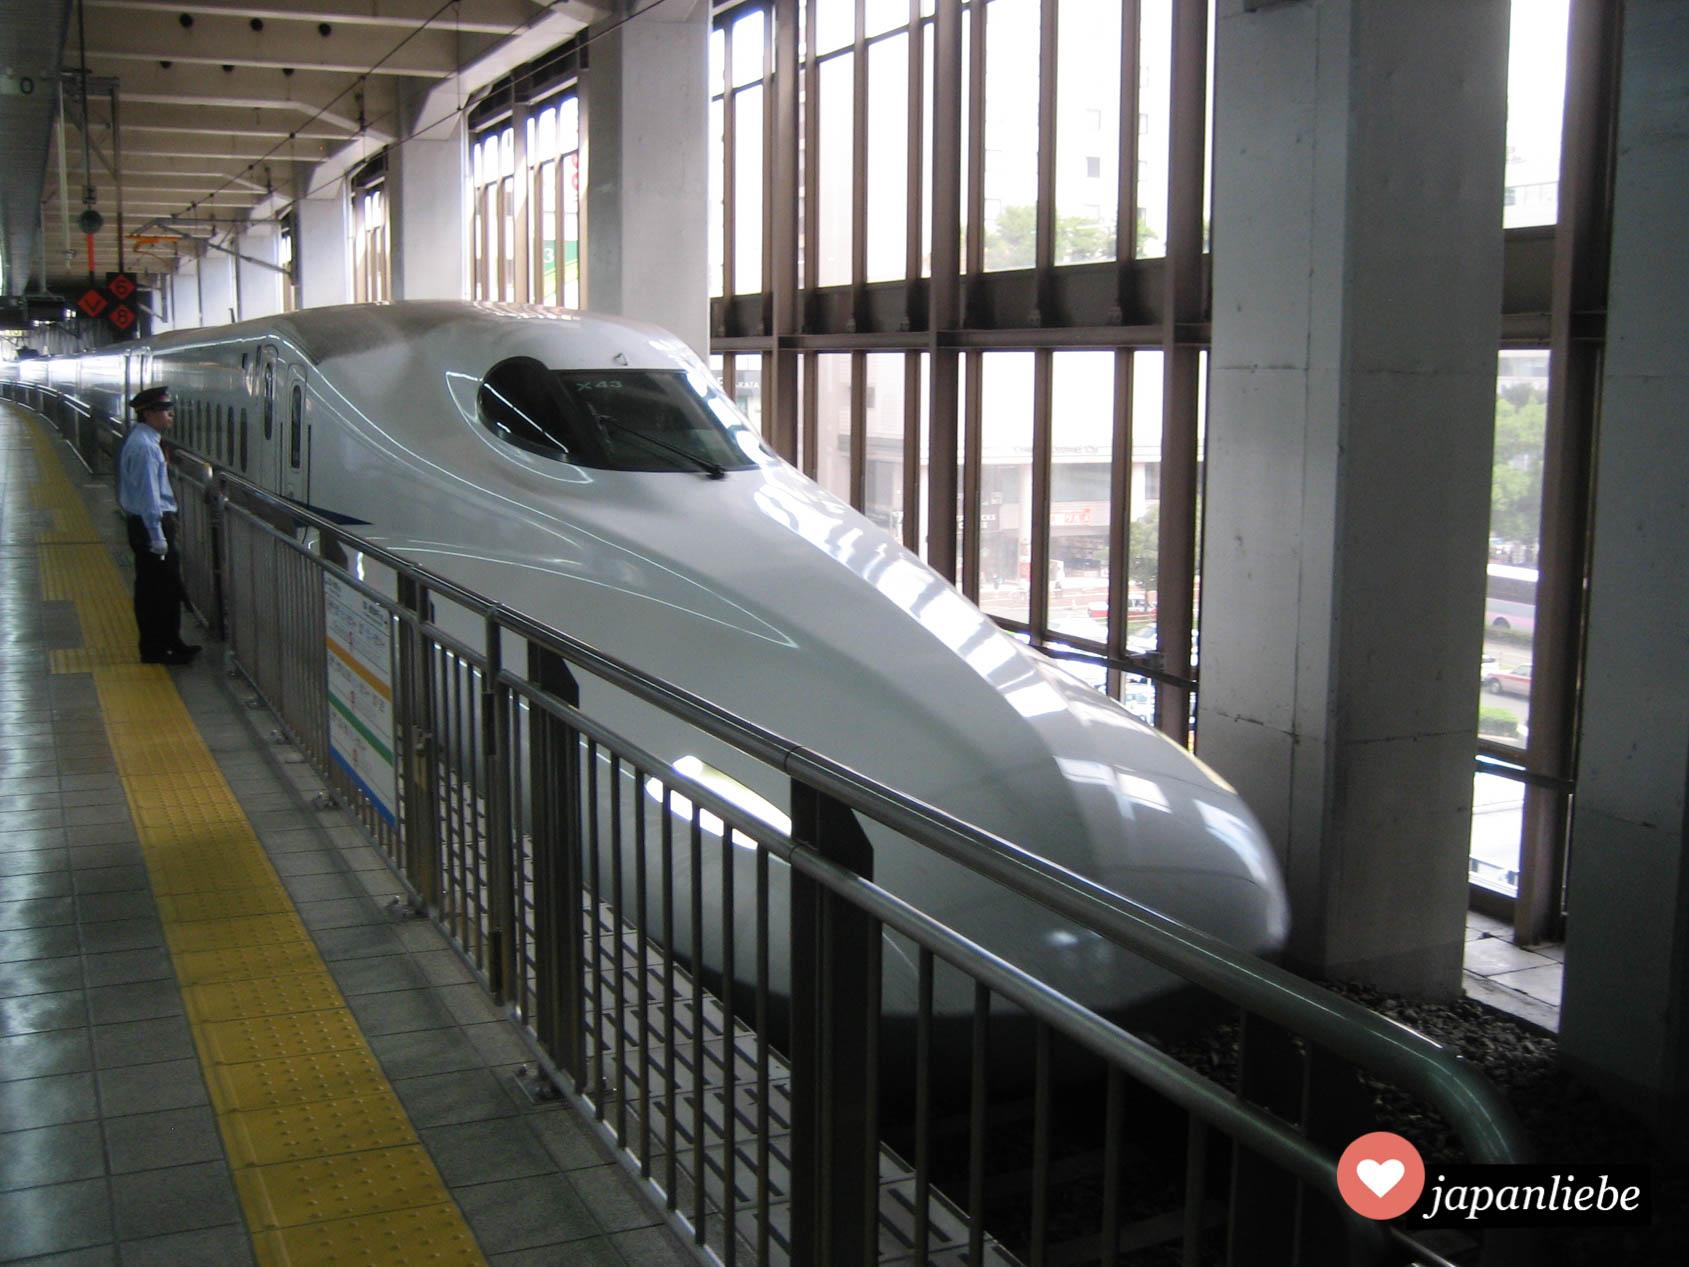 Eine japanischer Shinkansen Schnellzug wartet auf die Abfahrt.